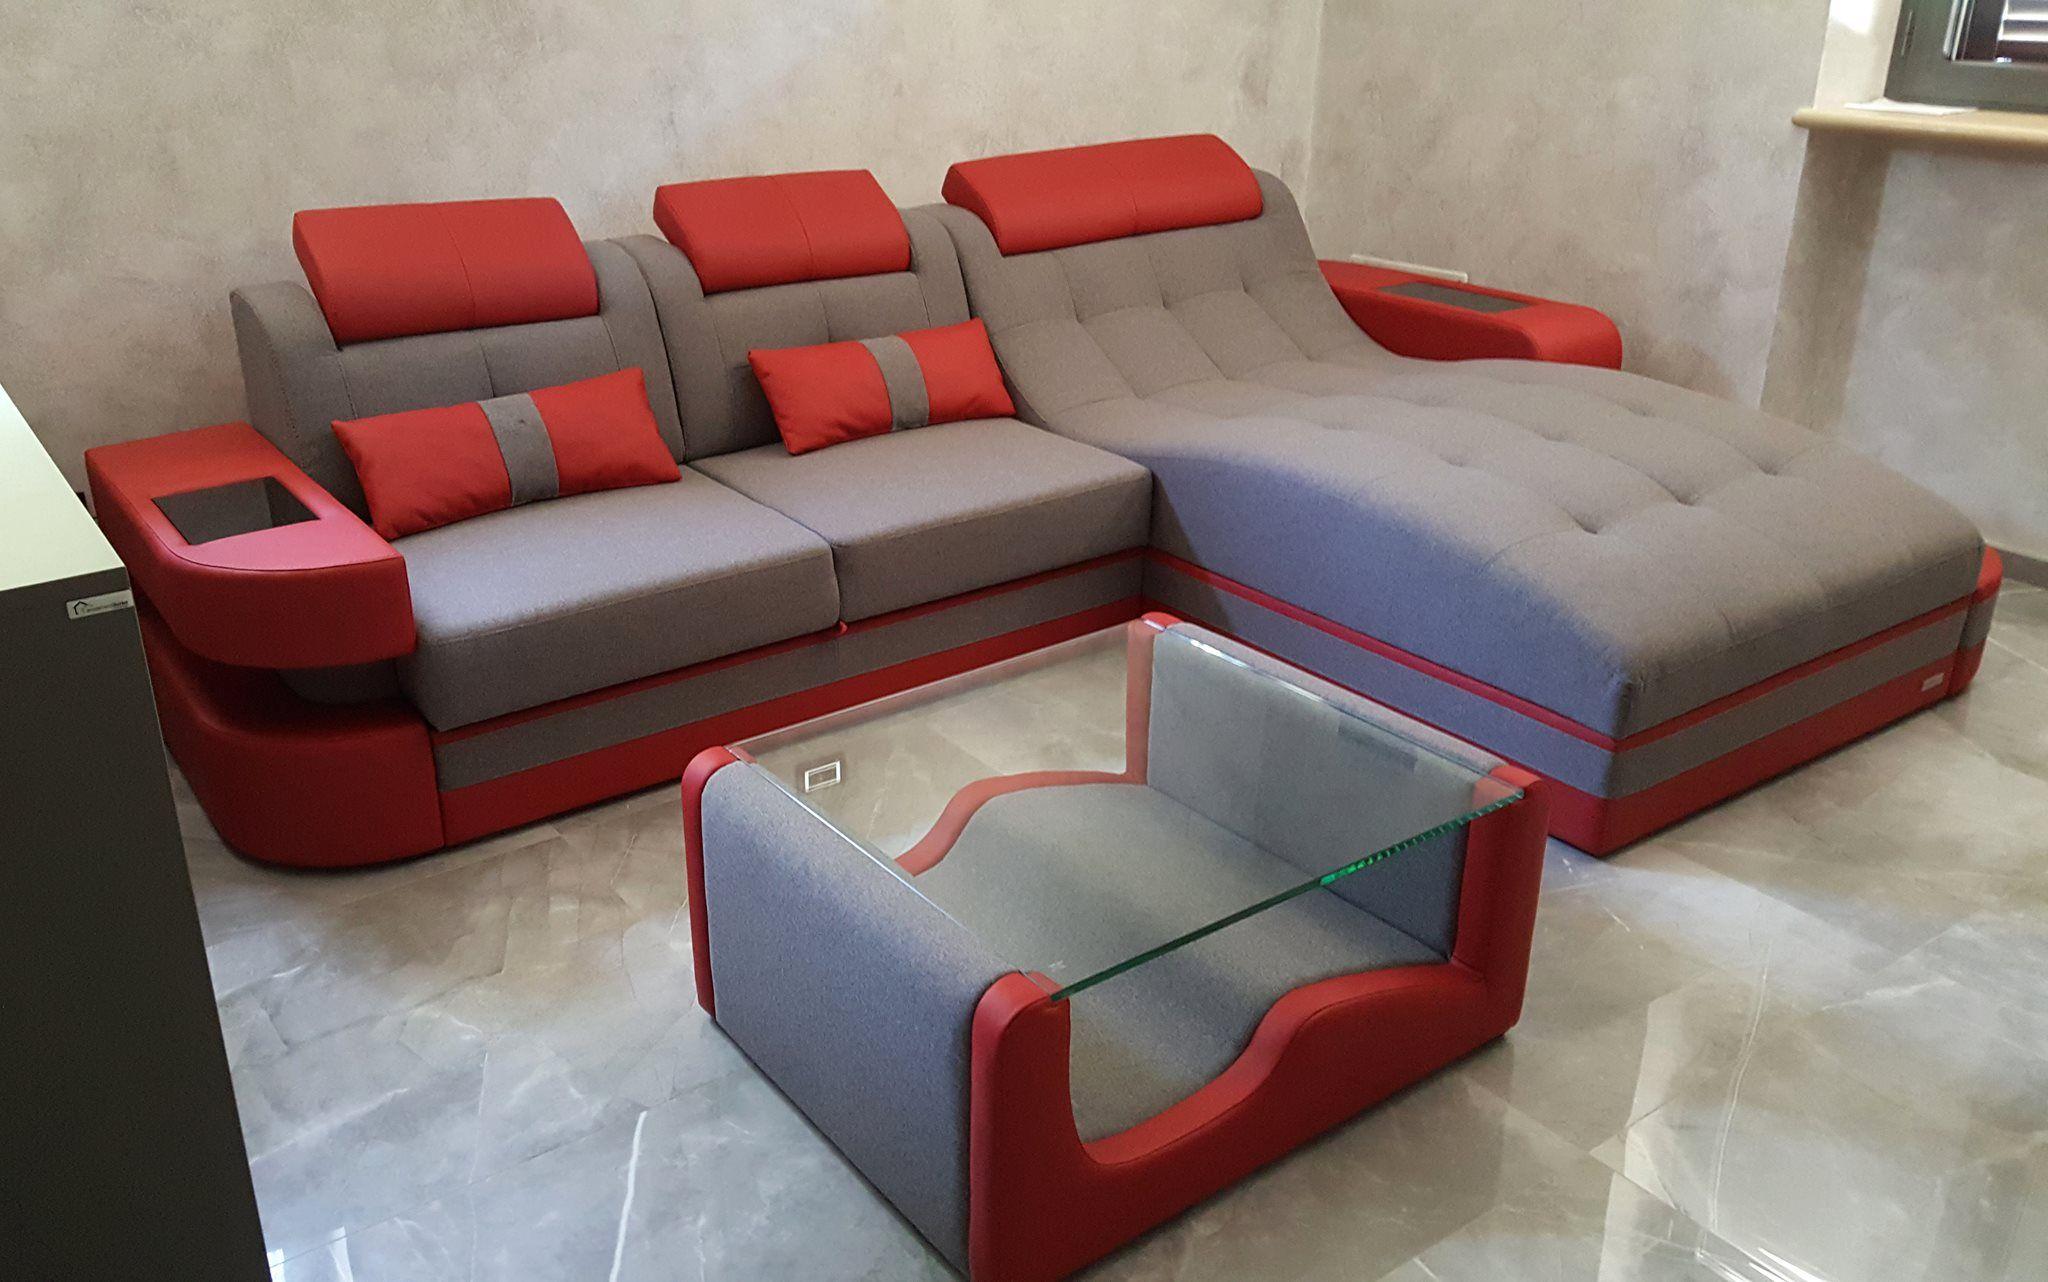 Die Stoffsofa Wohnlandschaft Macht Sich Extrem Gut Im Schlicht Gestalteten Wohnzimmer Die Roten Elemente Sind Die High Sitzgruppe Sofa Set Designs Sofa Design